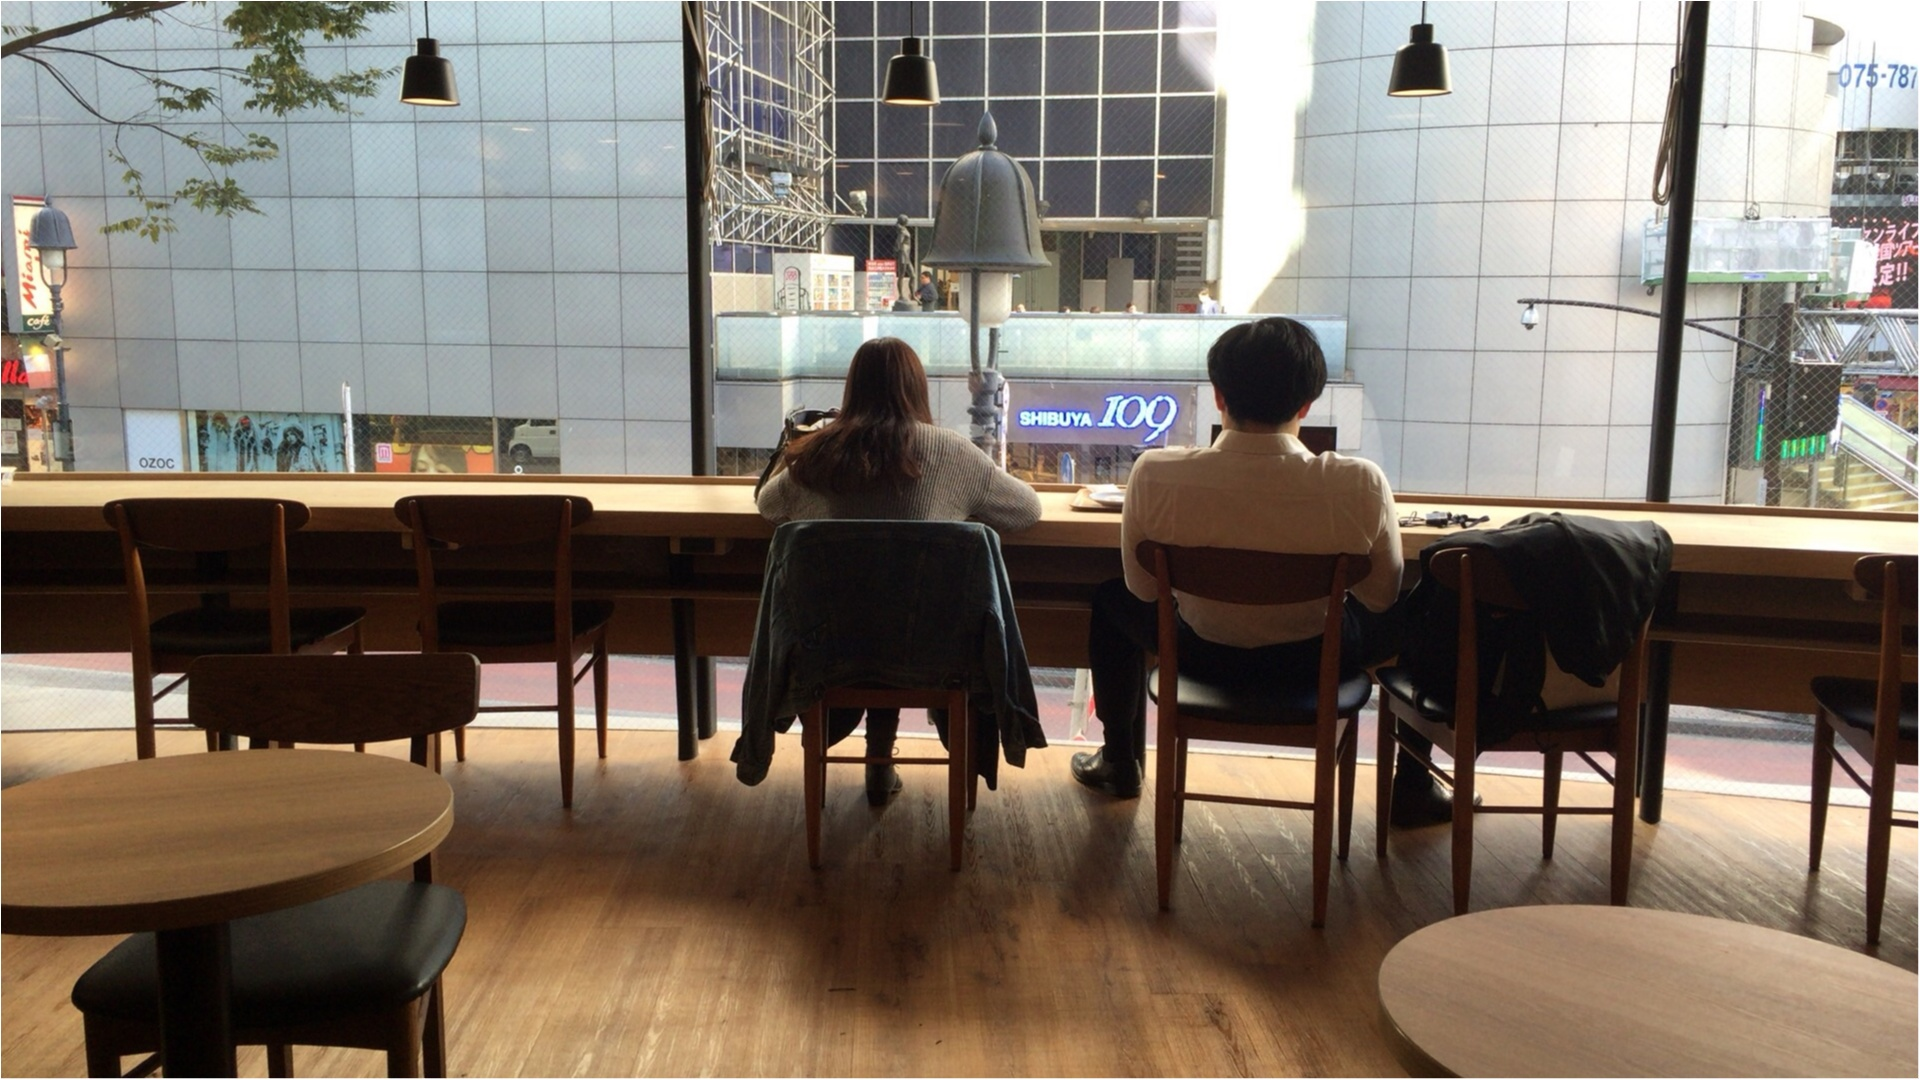 渋谷で電源カフェを探すなら?リニューアルした◯◯カフェが居心地最高♪♪ _6